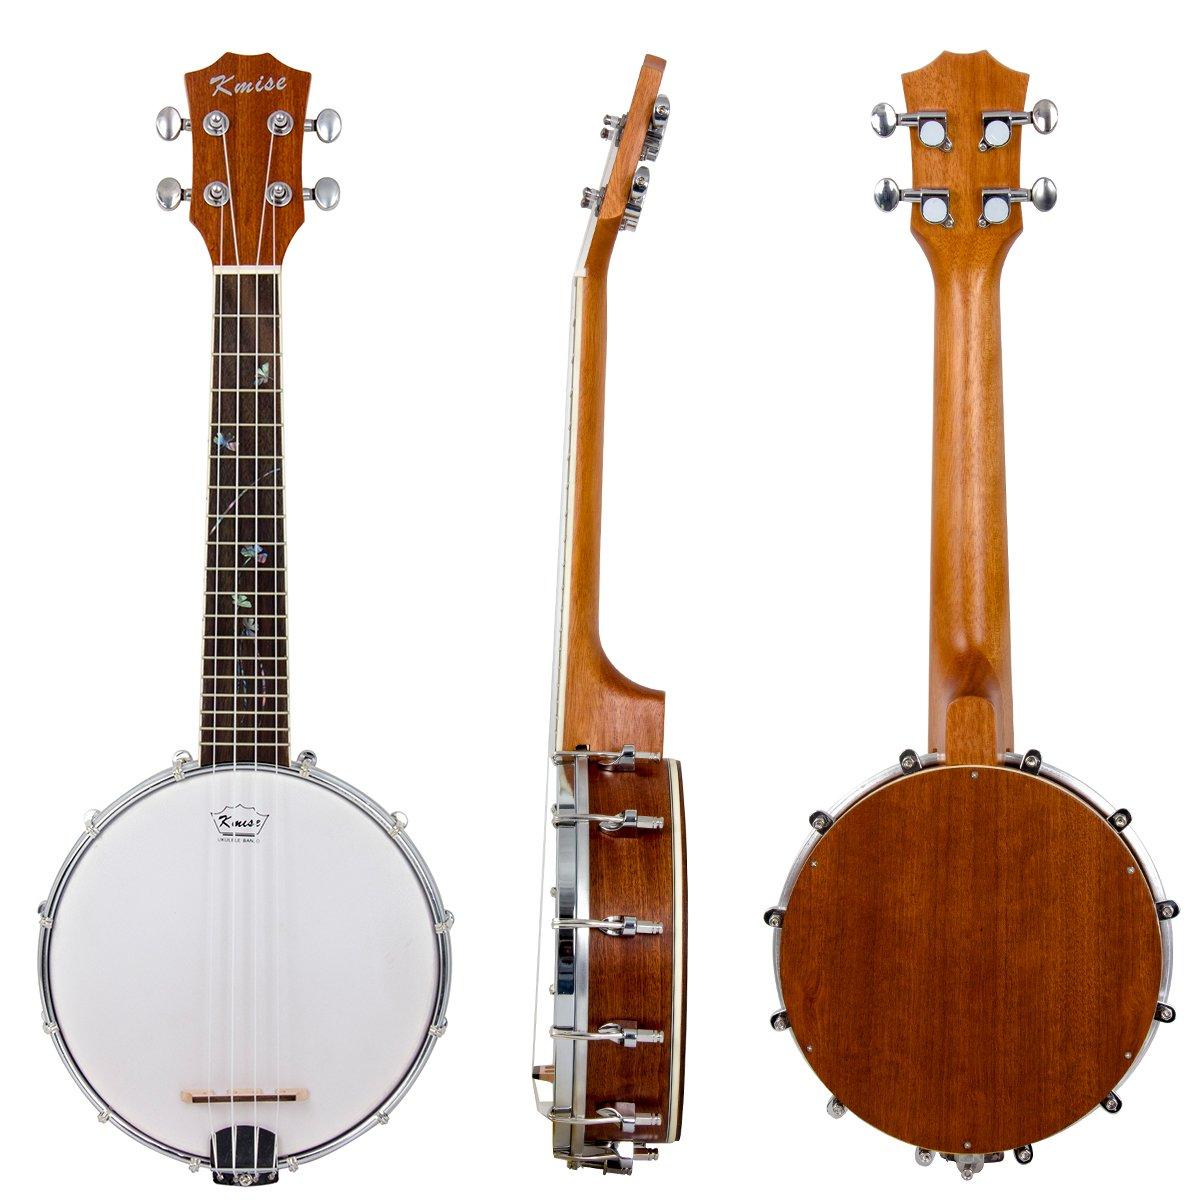 Kmise 4 String Banjo lele Ukulele Uke Concert 23 Inch Size (Type 7)